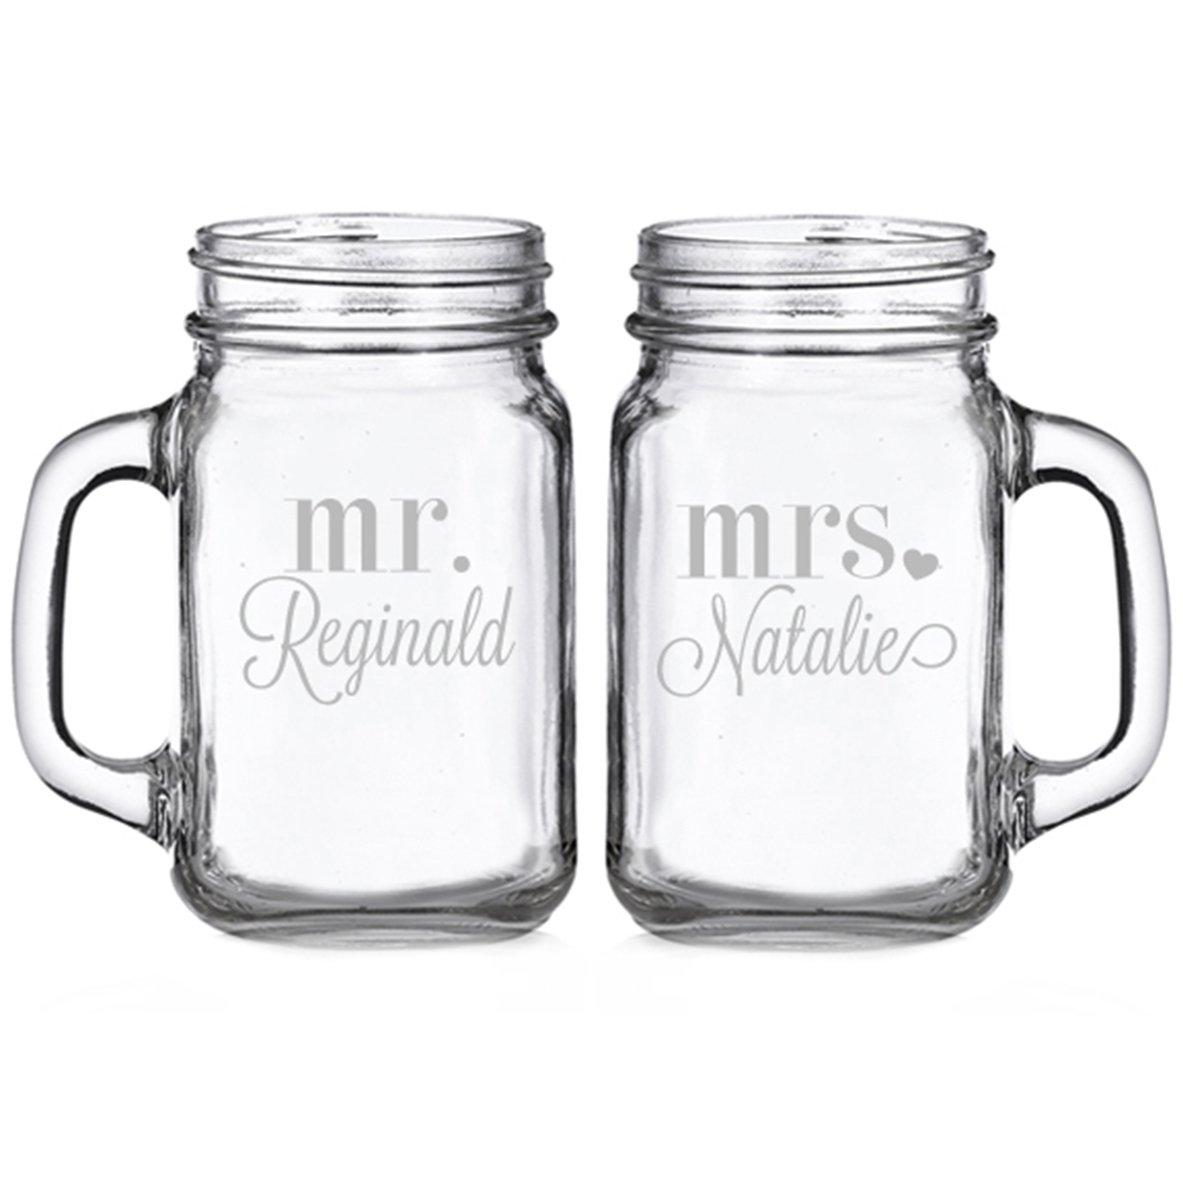 Mr. and Mrs. Heart Personalized Glass Mason Mugs (set of 2)